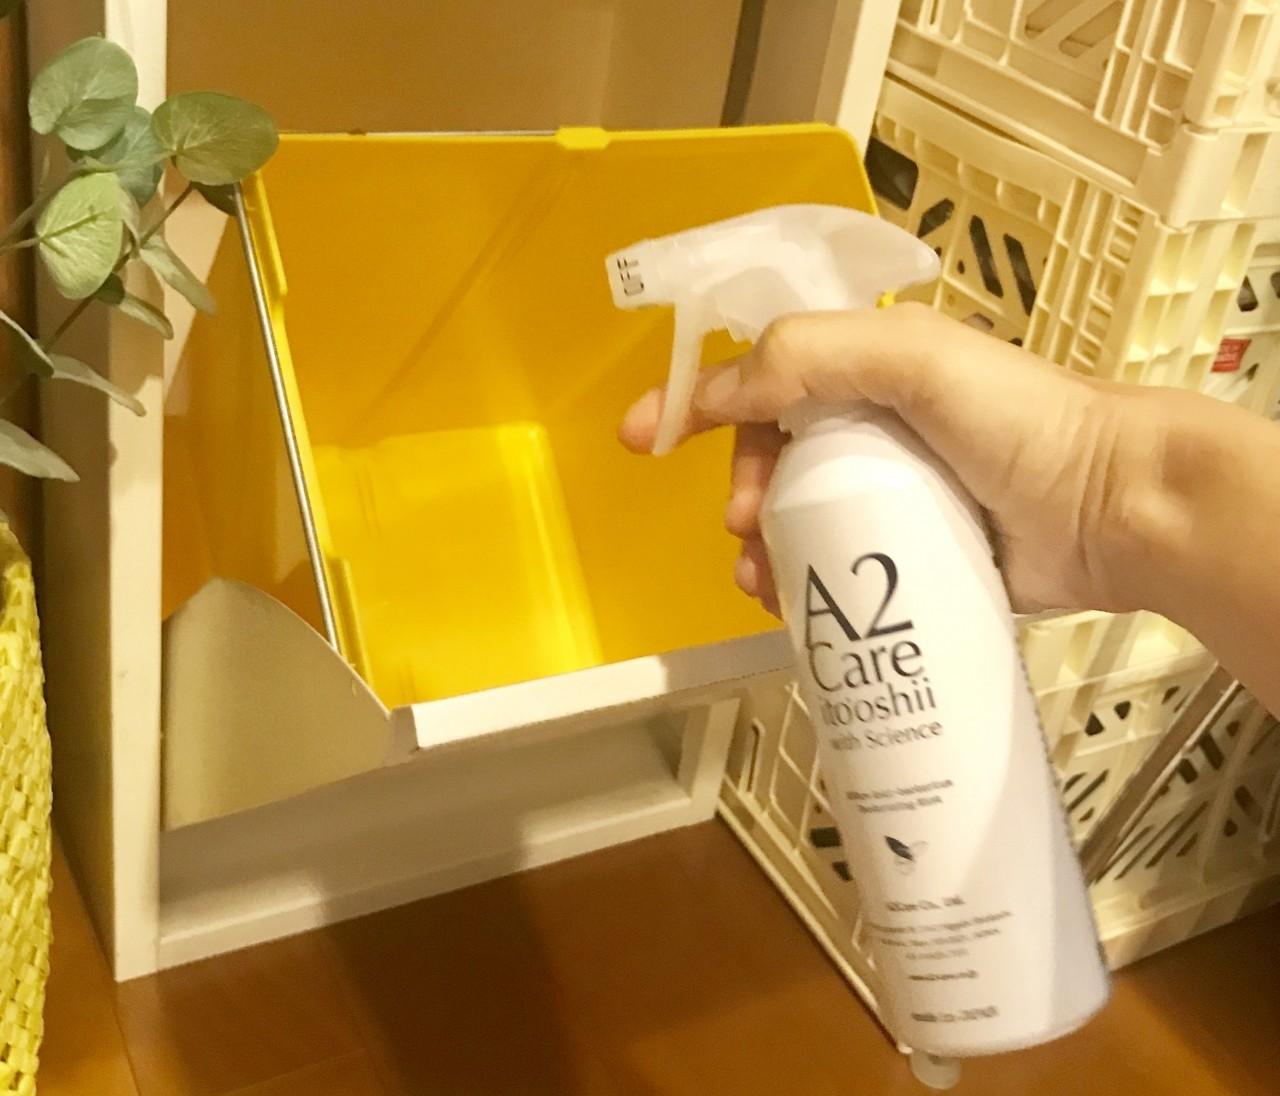 超強力なニオイ&除菌対策ができる【ニトリ(NITORI)】で大人気の除菌・消臭スプレー「A2 Care」